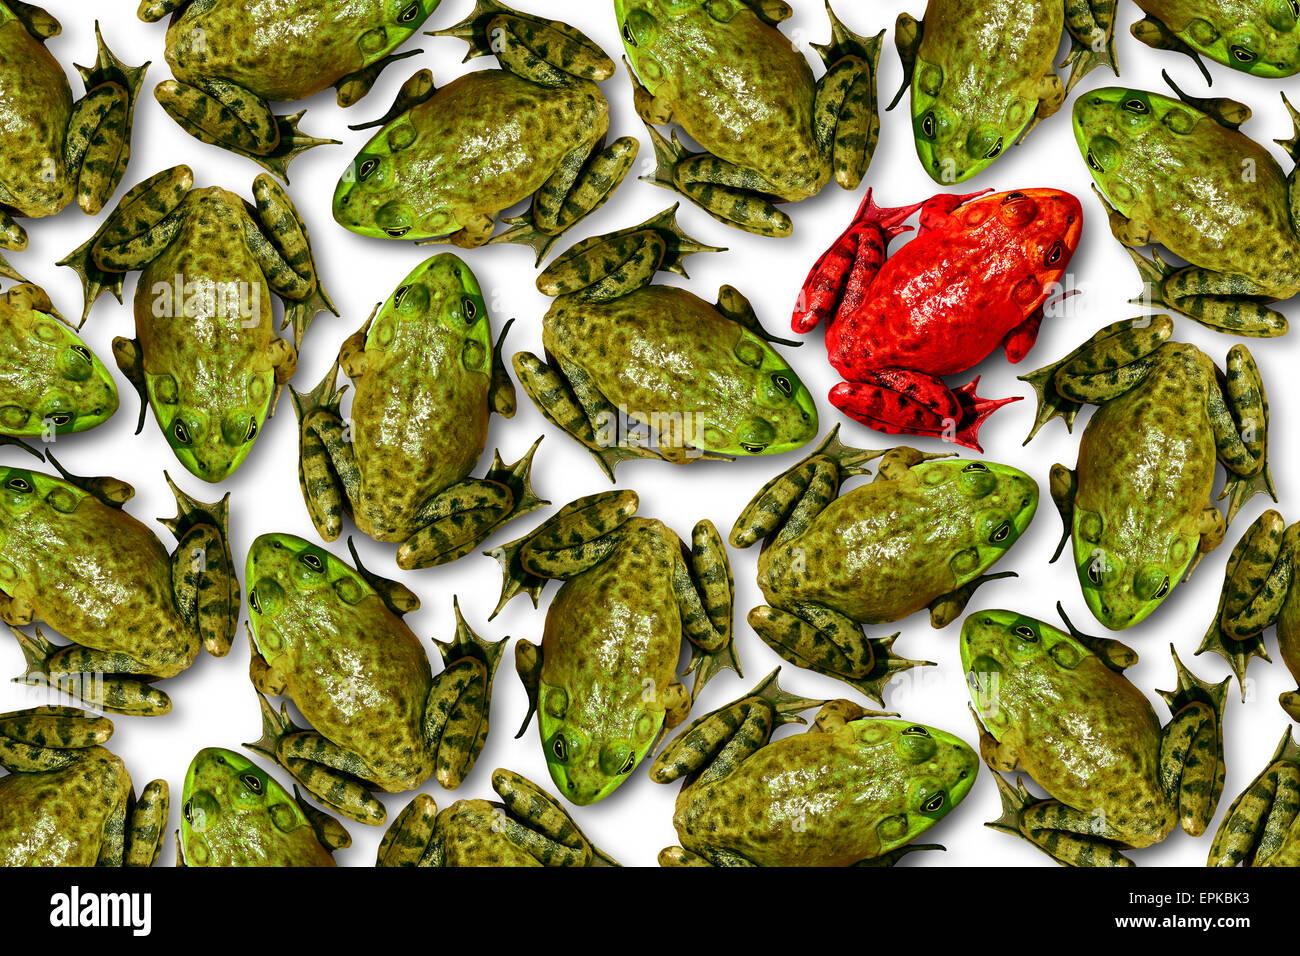 Individualità nozione come un gruppo di rane verdi con un individuo di rana rossa come un simbolo di business Immagini Stock